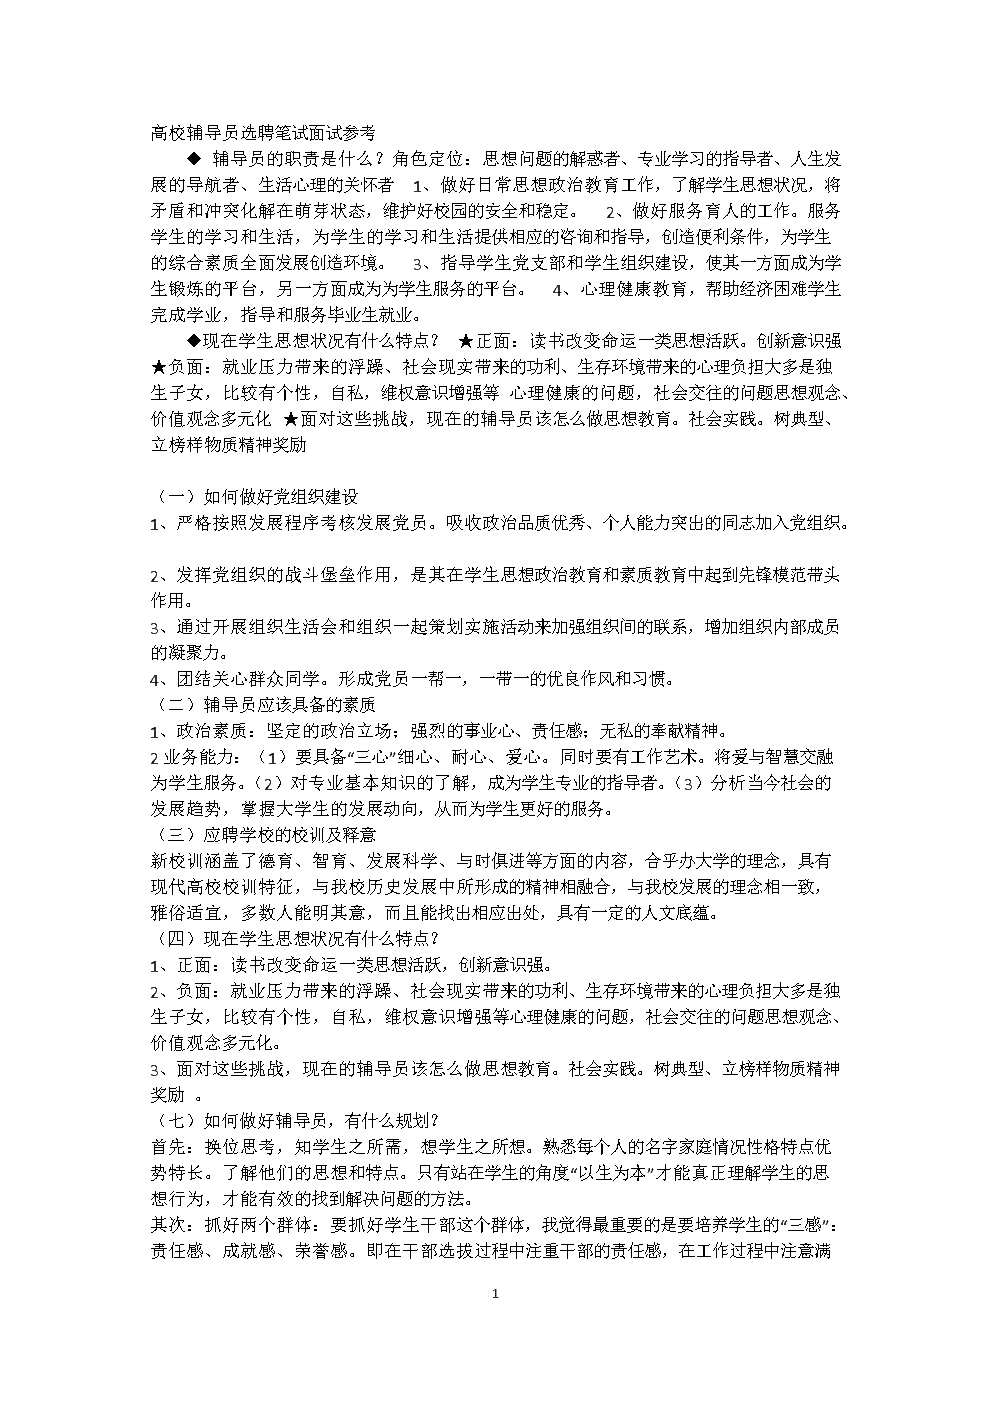 高校辅导员考试题及面经(打印).doc